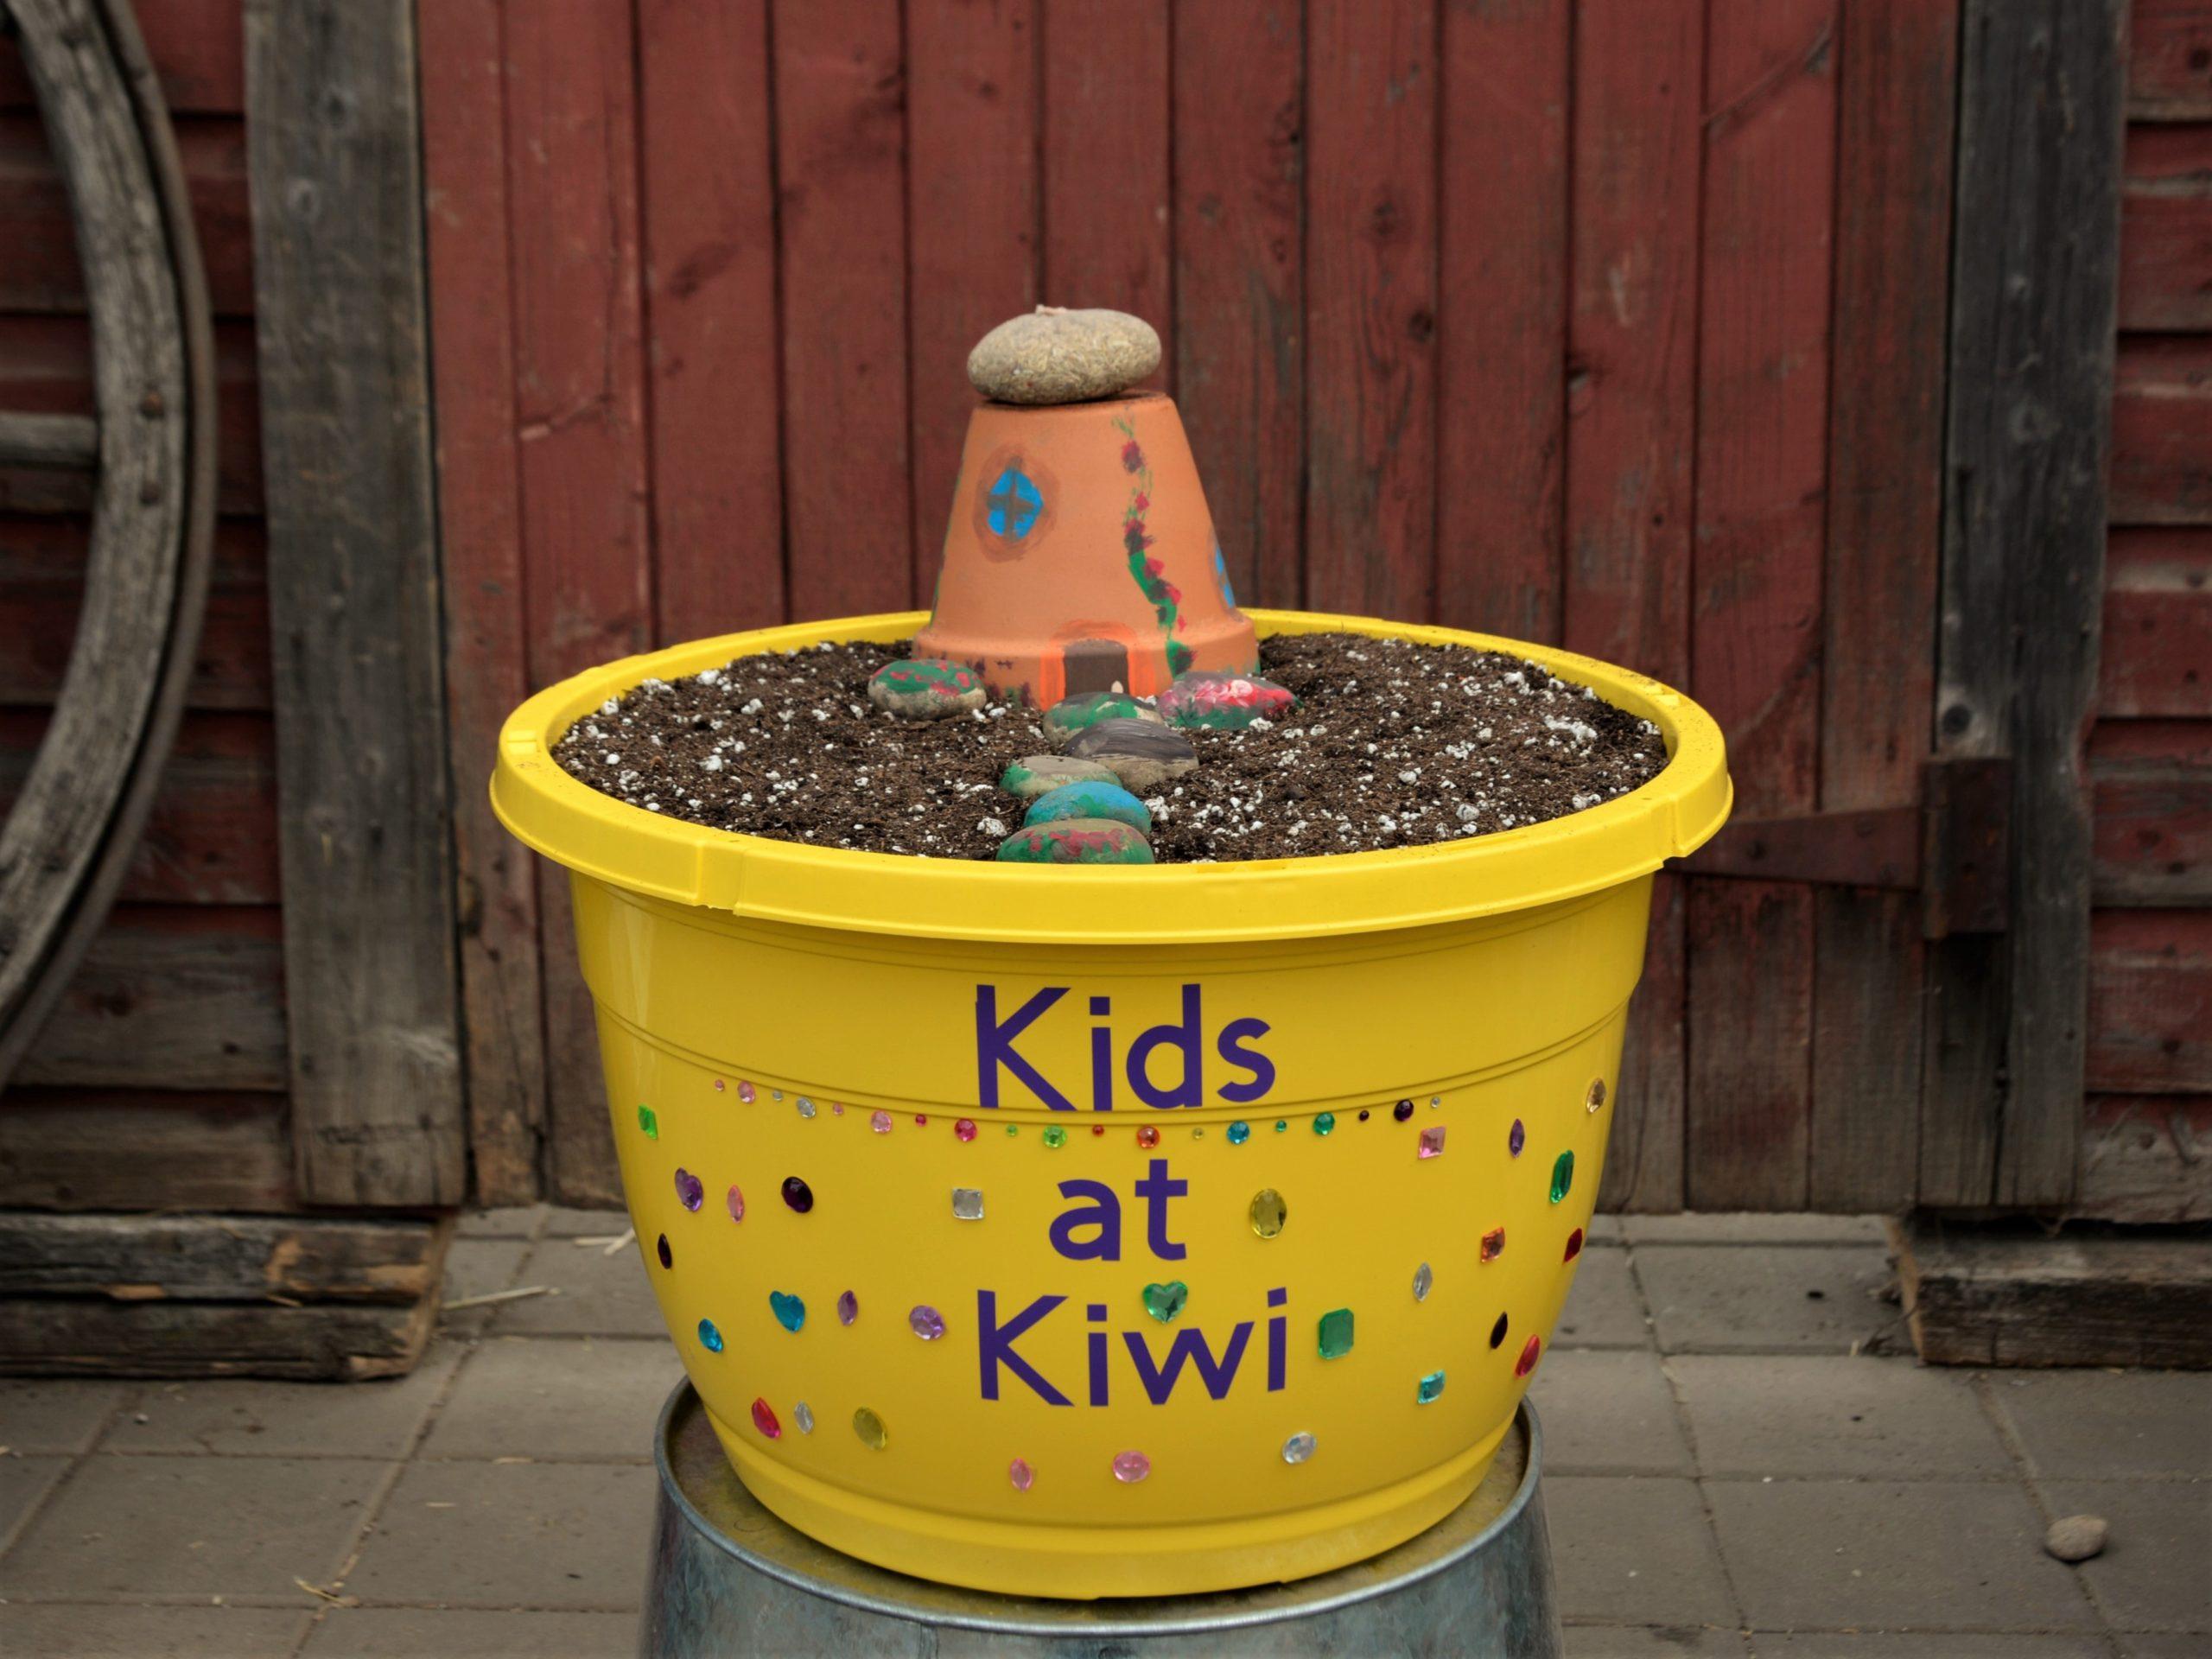 Kids at Kiwi